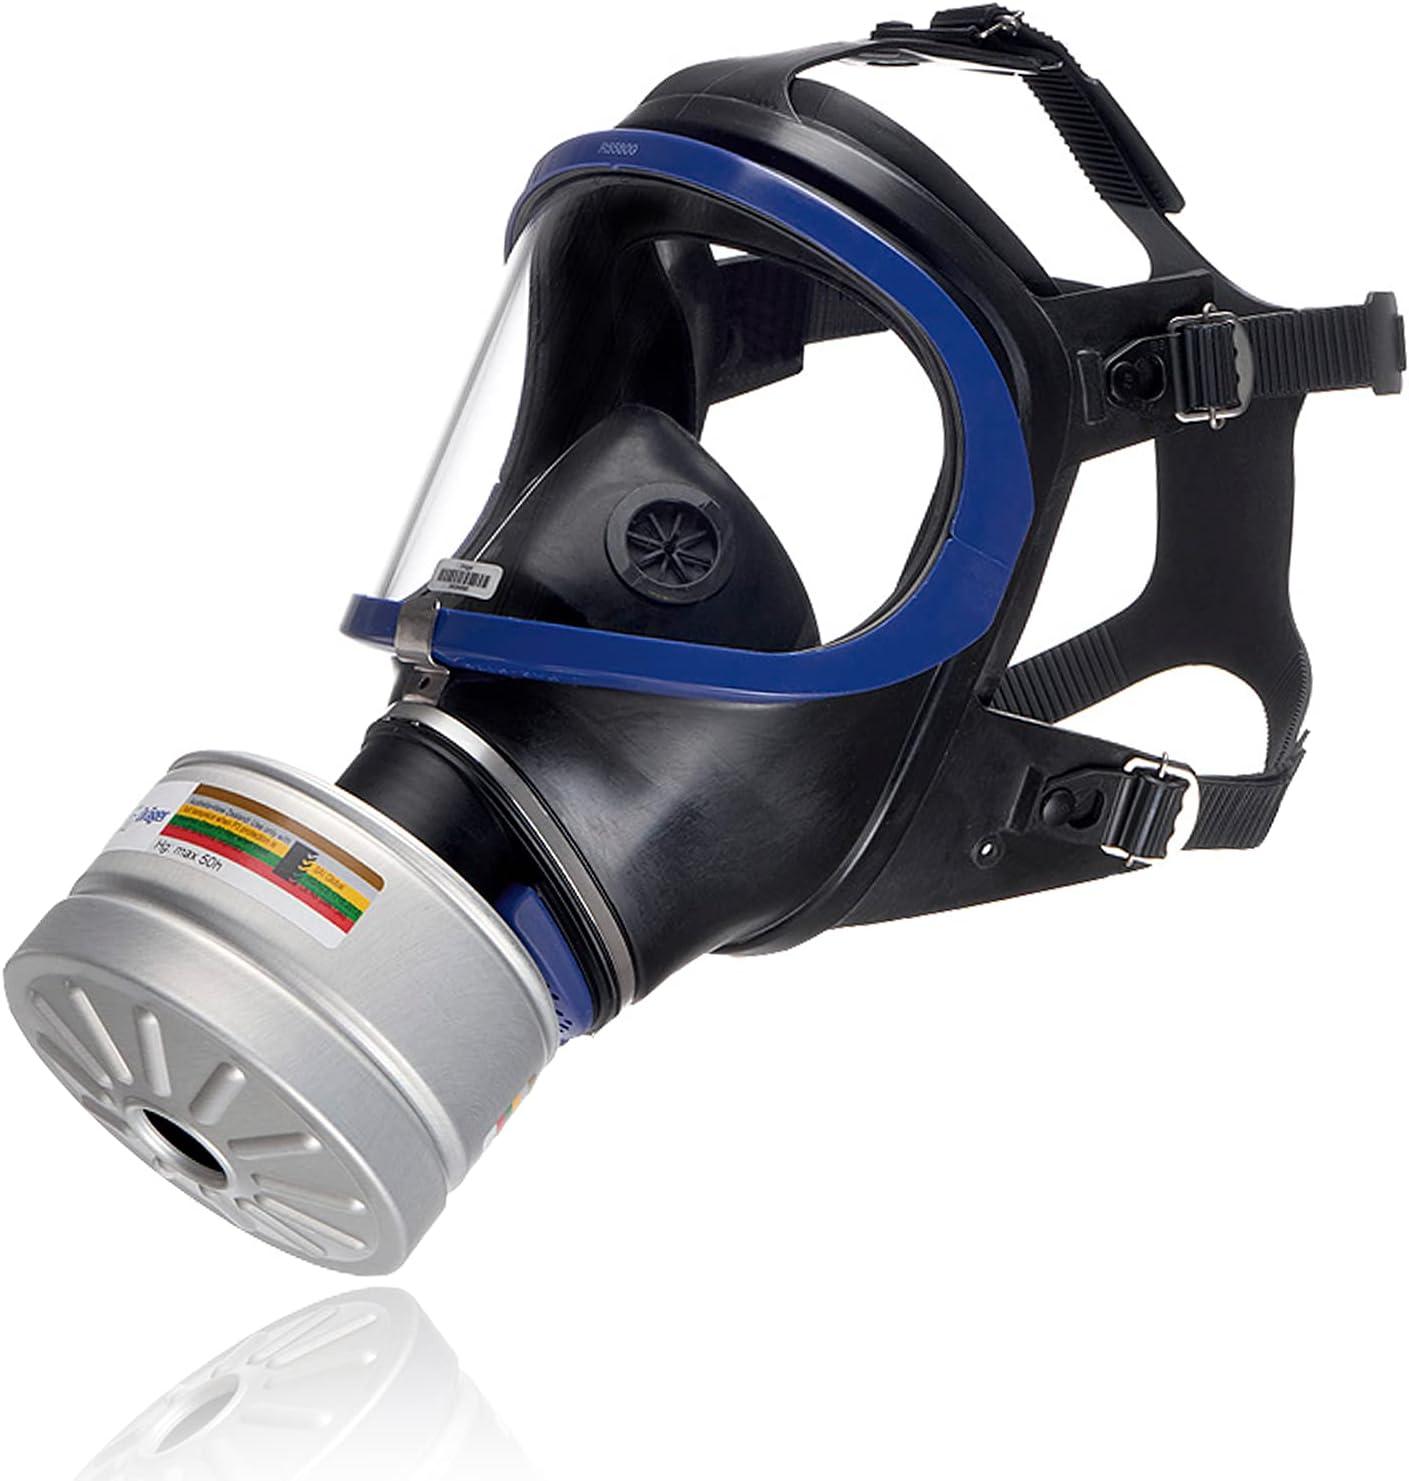 Dräger X-plore® 6300 Máscara Facial Completa con Filtro A2B2E2K2 HG P3 R D de Rosca Rd40 | Respirador antigás para Trabajos químicos y de construcción